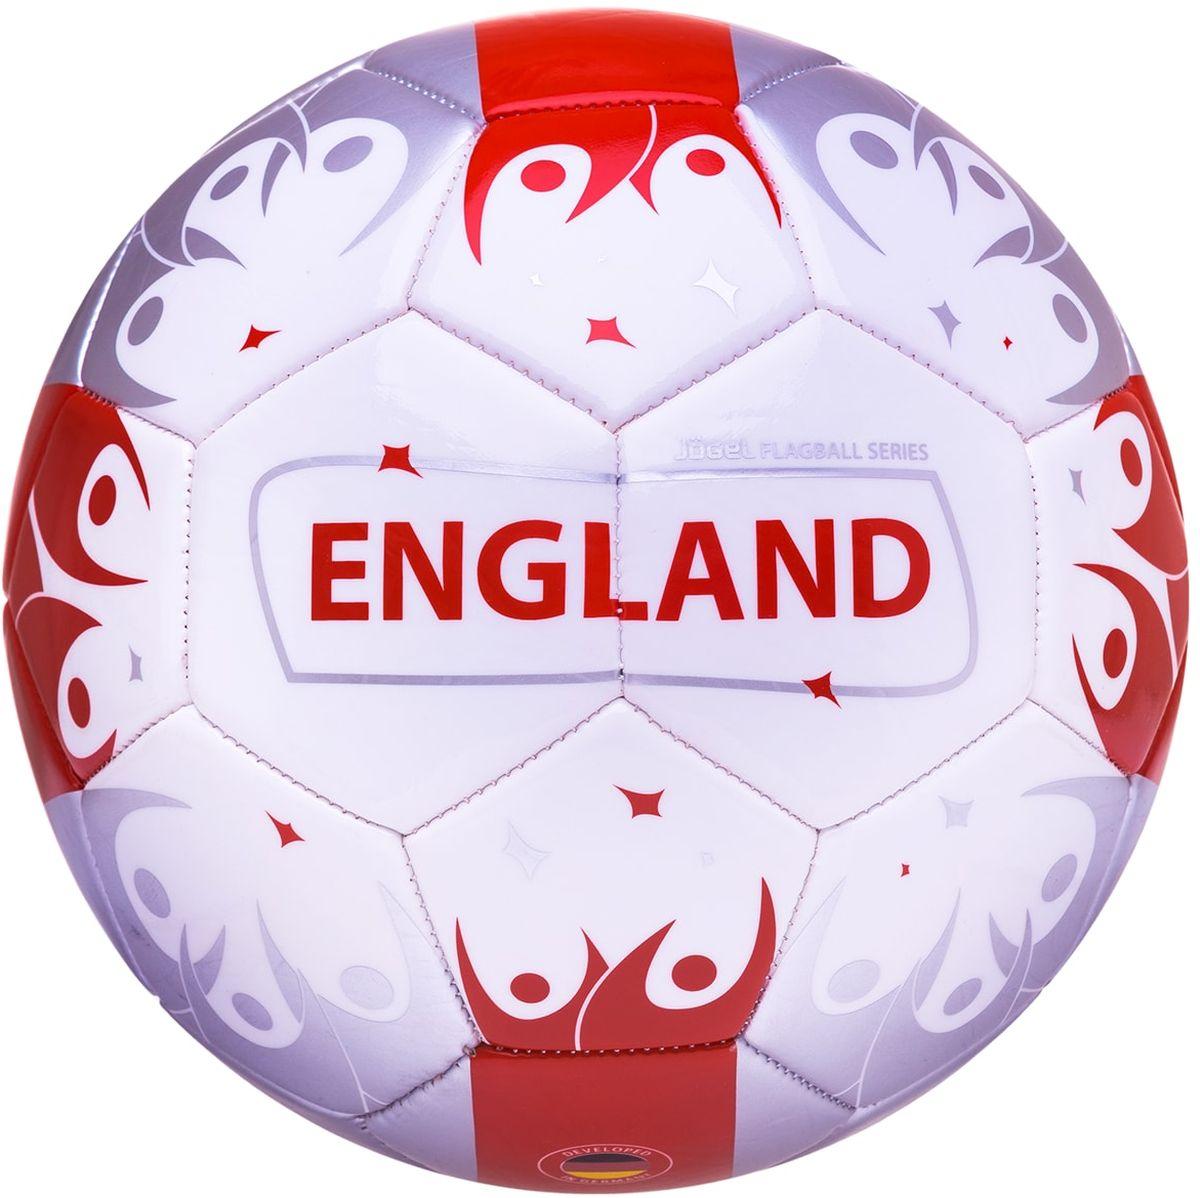 Мяч футбольный Jogel England, цвет: белый, красный. Размер 5УТ-00011400Категория: Мячи футбольныеУровень: ЛюбительскийJogel это мячи из специальной коллекции, посвященной чемпионату мира по футболу 2018 года. В дизайне мячей данной линейки применяются цветовые решения флагов сильнейших сборных мира. Мячи придутся по душе всем любителям футбола и фанатам, которые захотят приобрести данные мячи в качестве сувенира. По своим характеристикам подходит как детям, так и взрослым. Поверхность мяча выполнена из синтетической кожи (поливинилхлорид) толщиной 2,7 мм. Мячи имеют 2 подкладочных слоя и оснащены бутиловой камерой, обеспечивающей долгое сохранение воздуха в камере. Данные мячи рекомендованы для любительской игры и тренировок любительских команд.Рекомендованные покрытия: натуральный газон, синтетическая трава, резина, гаревые поля, паркет.Материал камеры: БутилТип соединения панелей: Машинная сшивкаКоличество панелей: 32Длина окружности: №5 - 68-70 смВес: 410-450 грРекомендованное давление: 0.4-0.6 барПроизводство: КНР